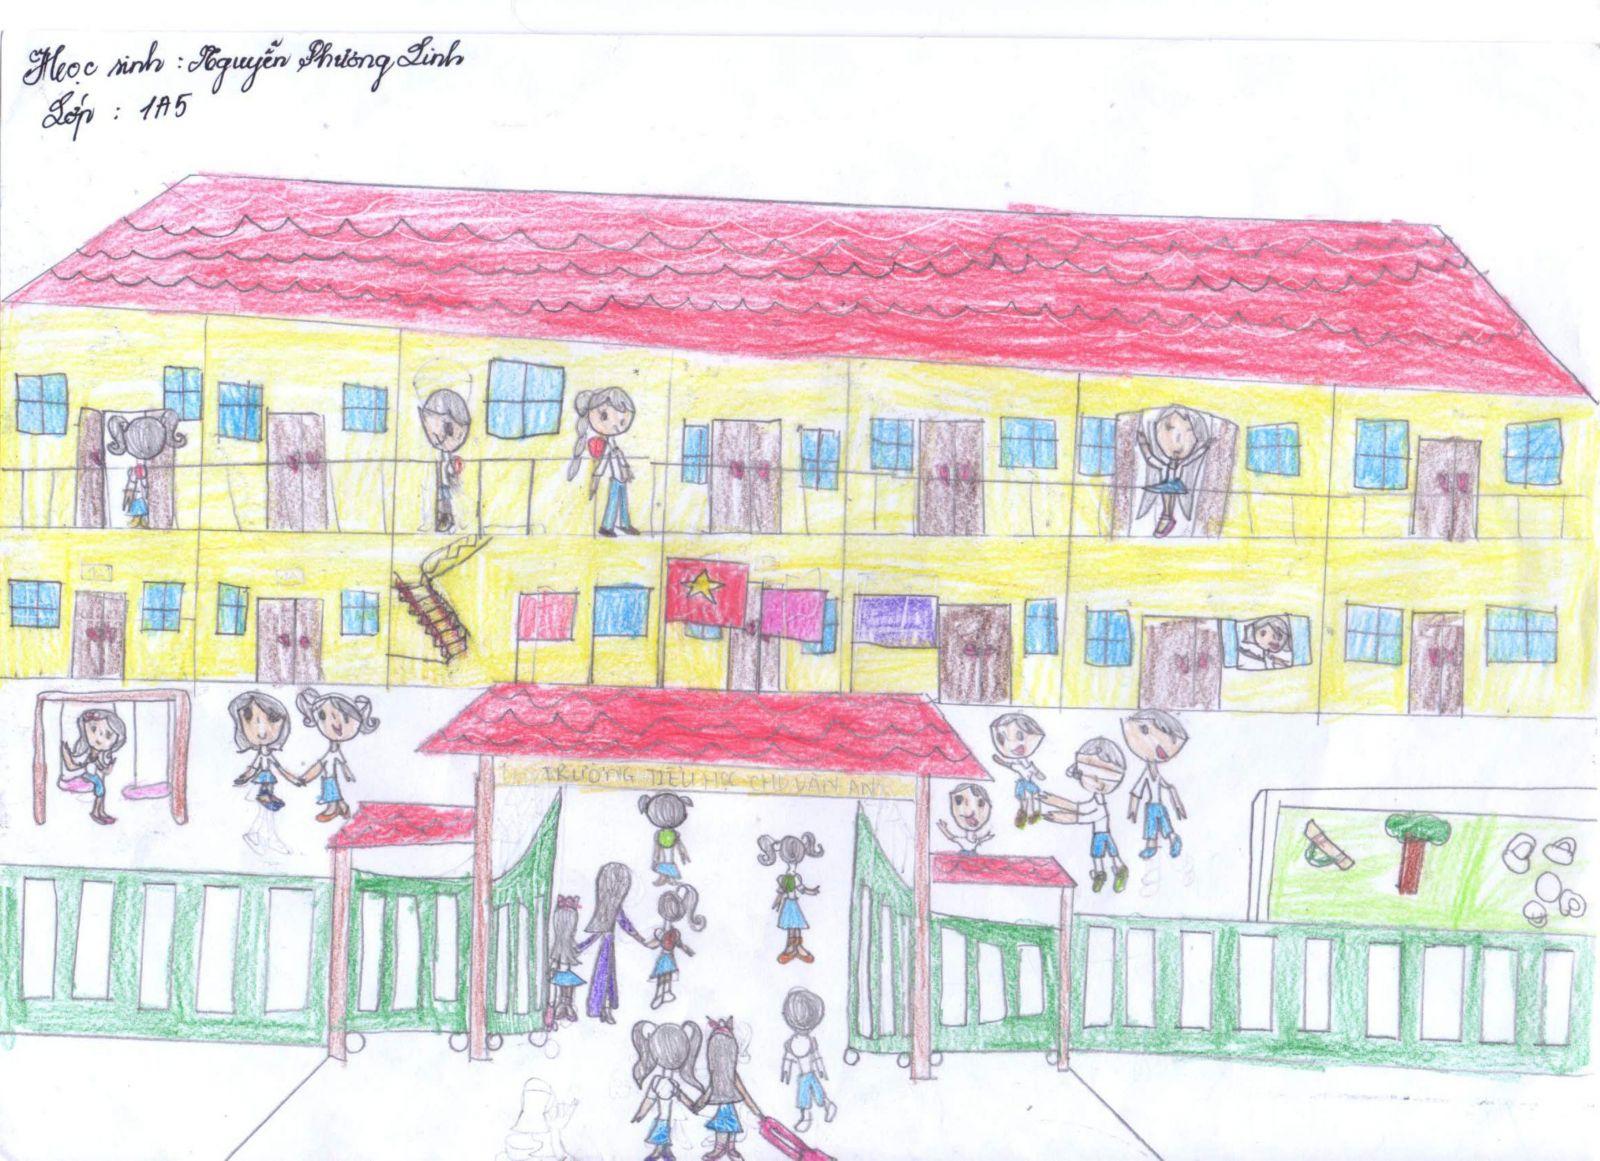 Tranh vẽ ngôi trường của học sinh